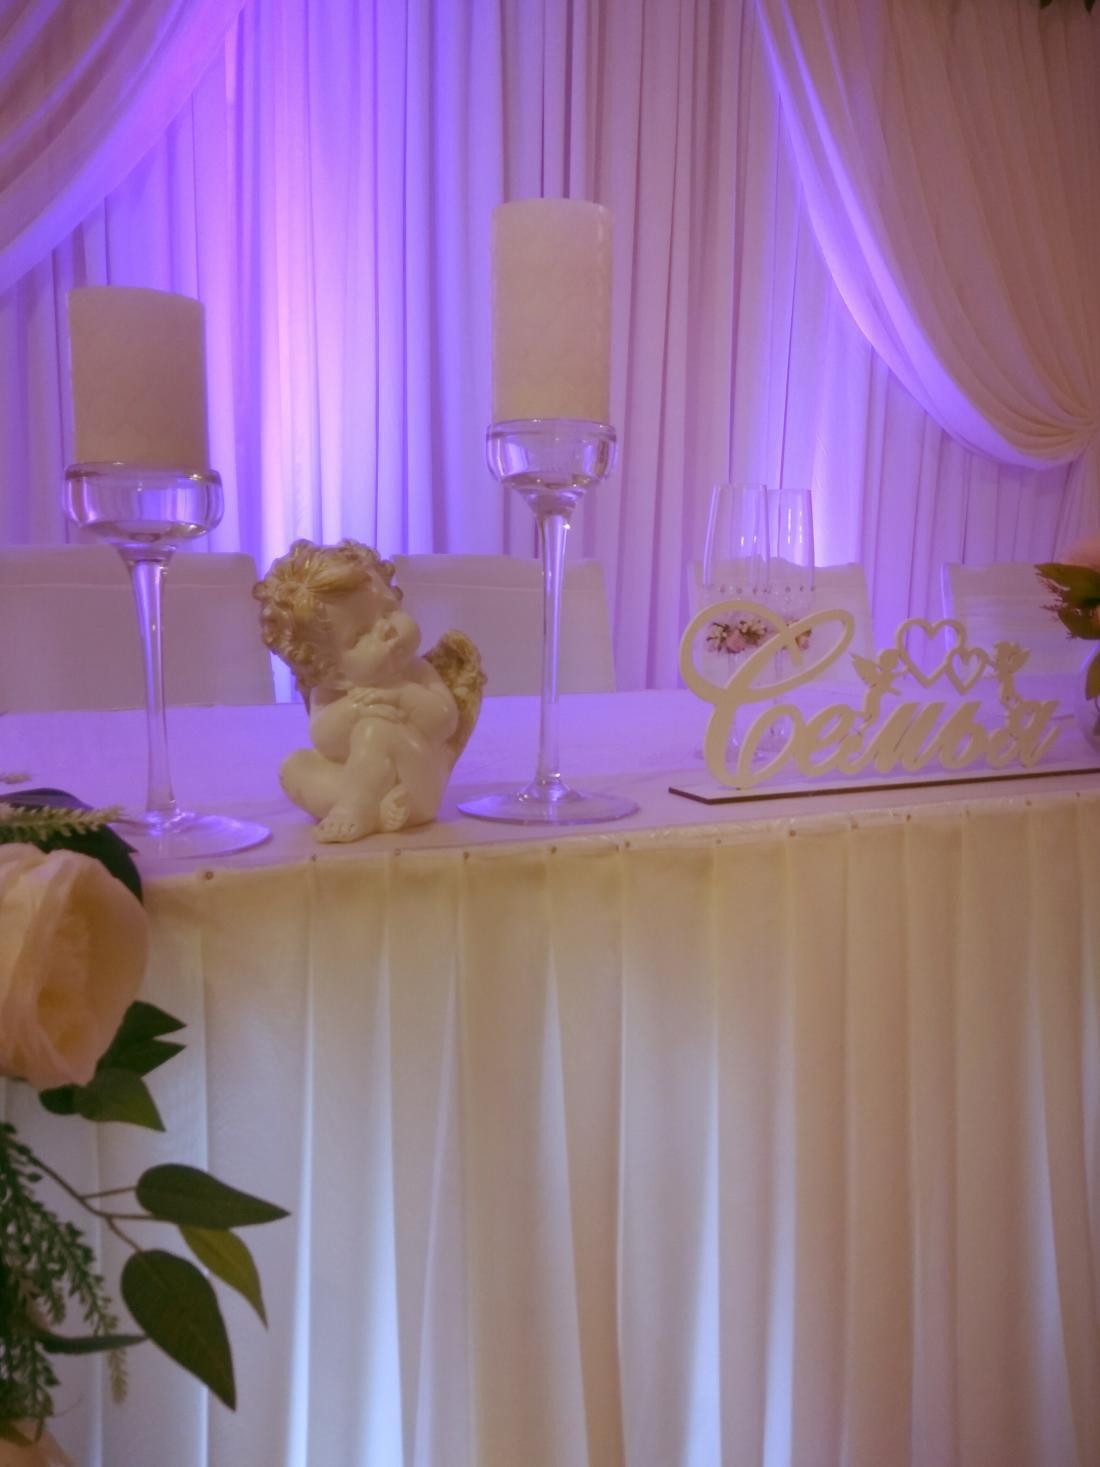 Украшение зала на свадьбу, юбилей, корпоратив, выпускной со скидкой 50% + подарок!